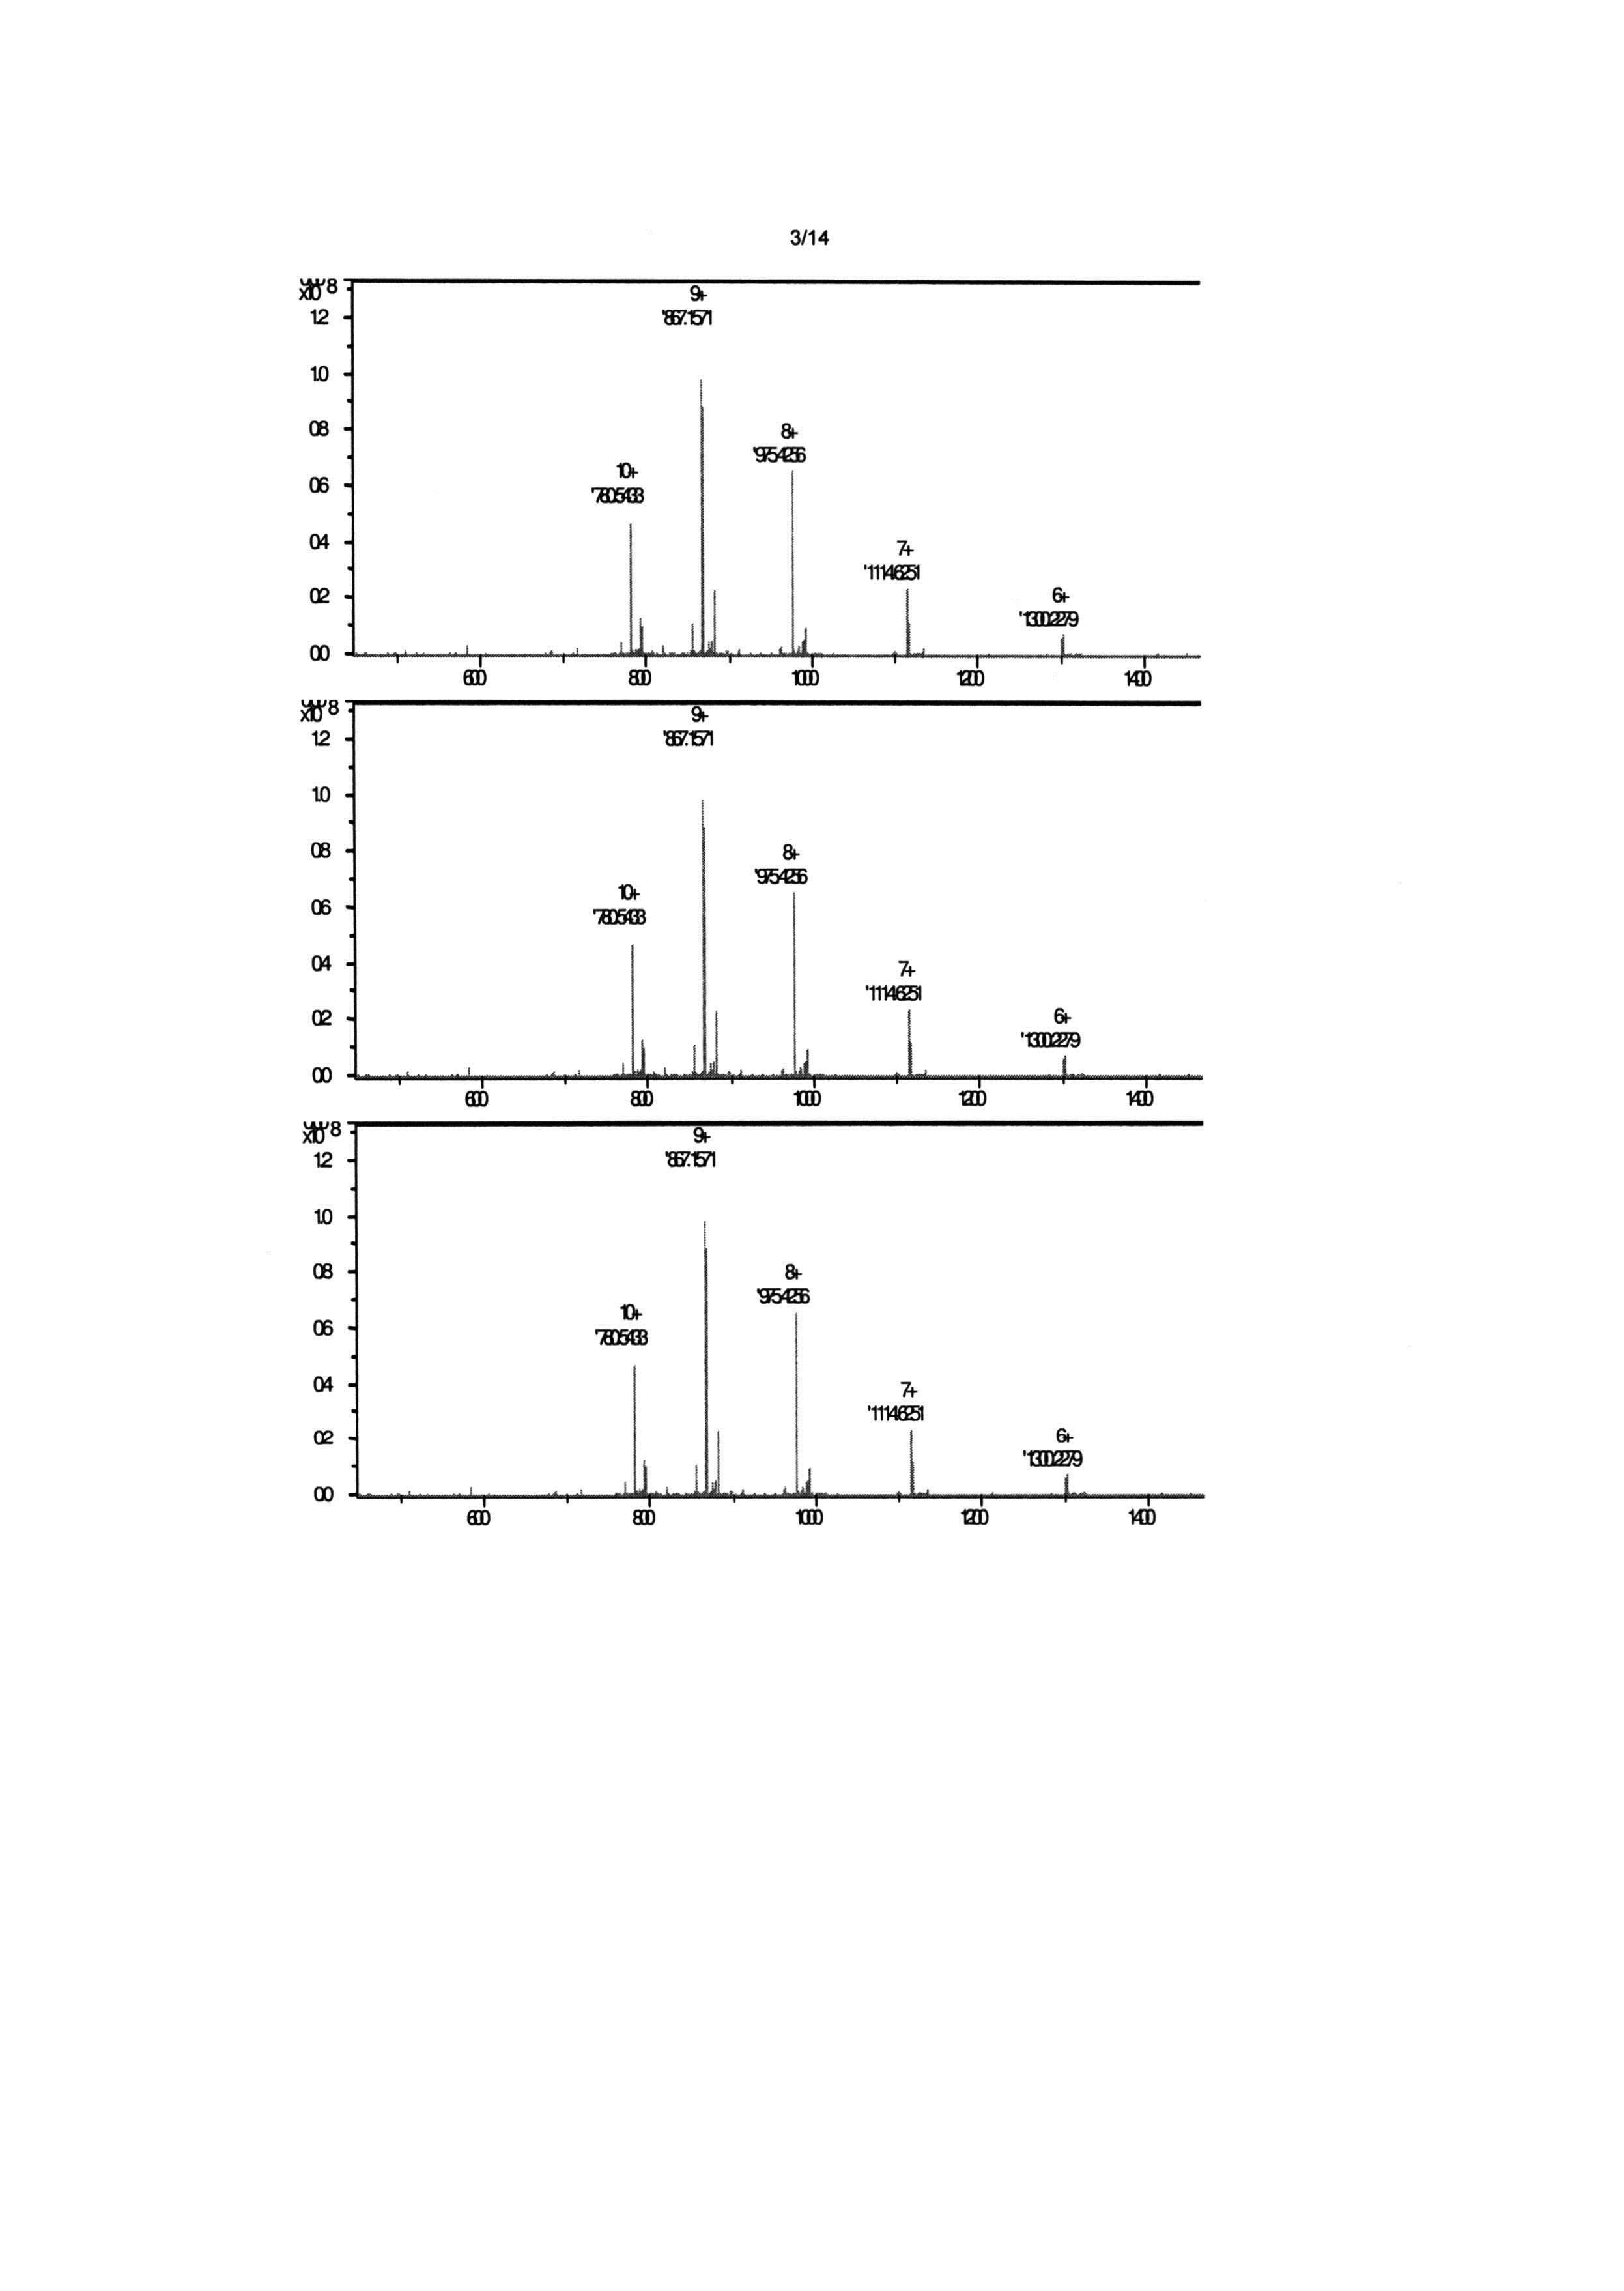 Антигенные композиции респираторного синцитиального вируса и способы